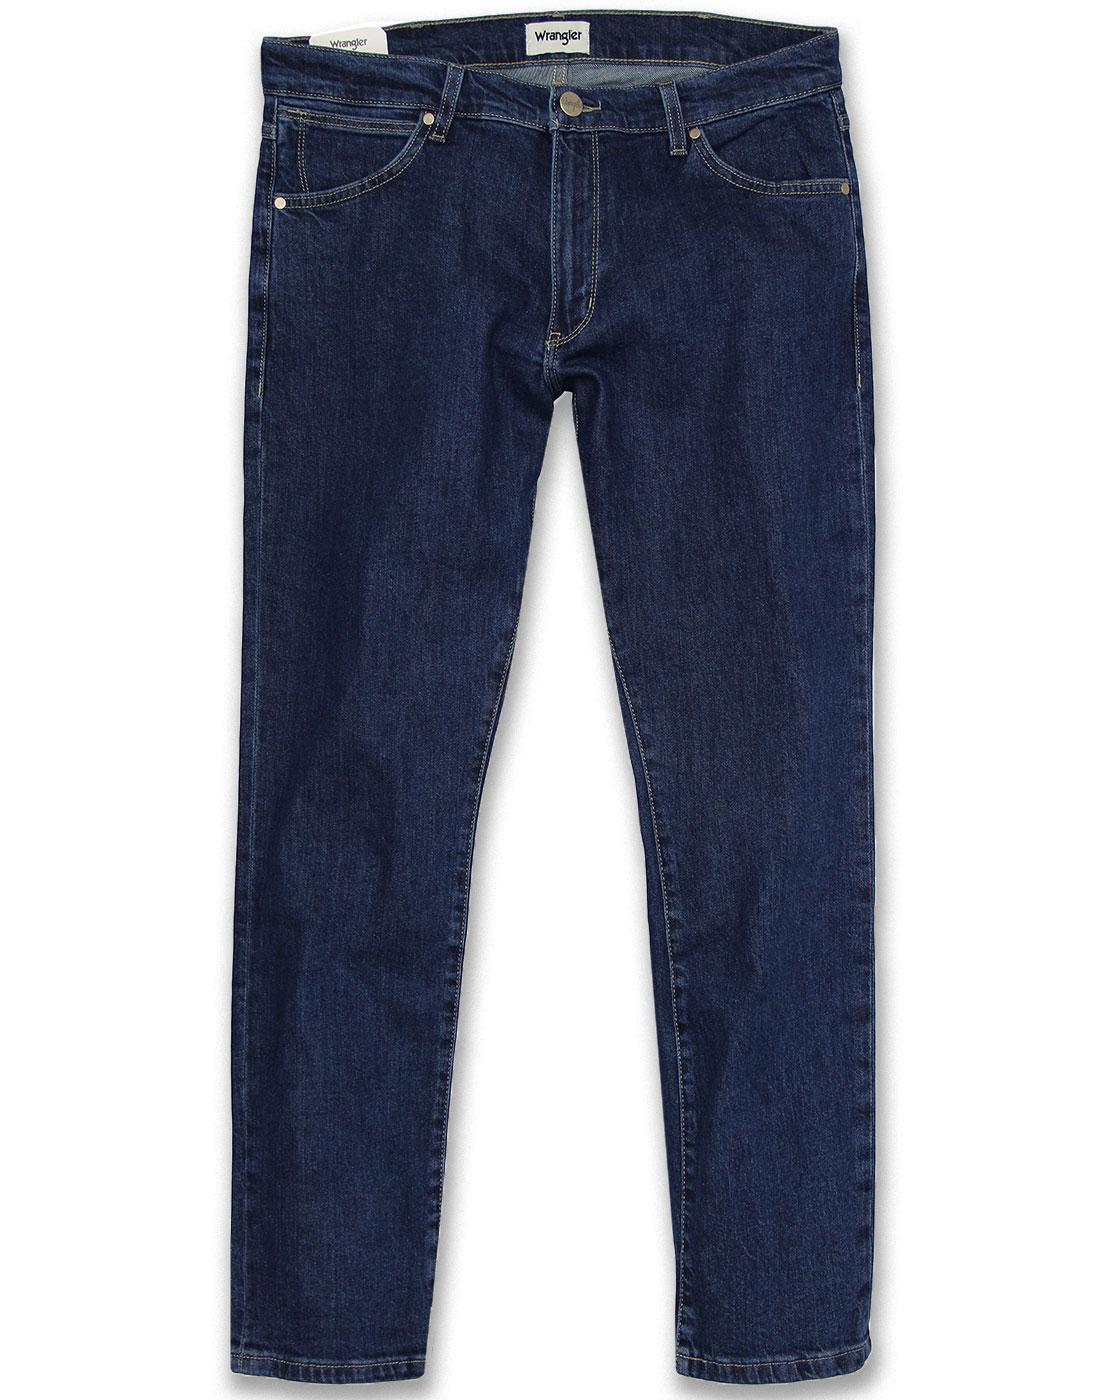 Larston WRANGLER Retro Slim Taper Darkstone Jeans